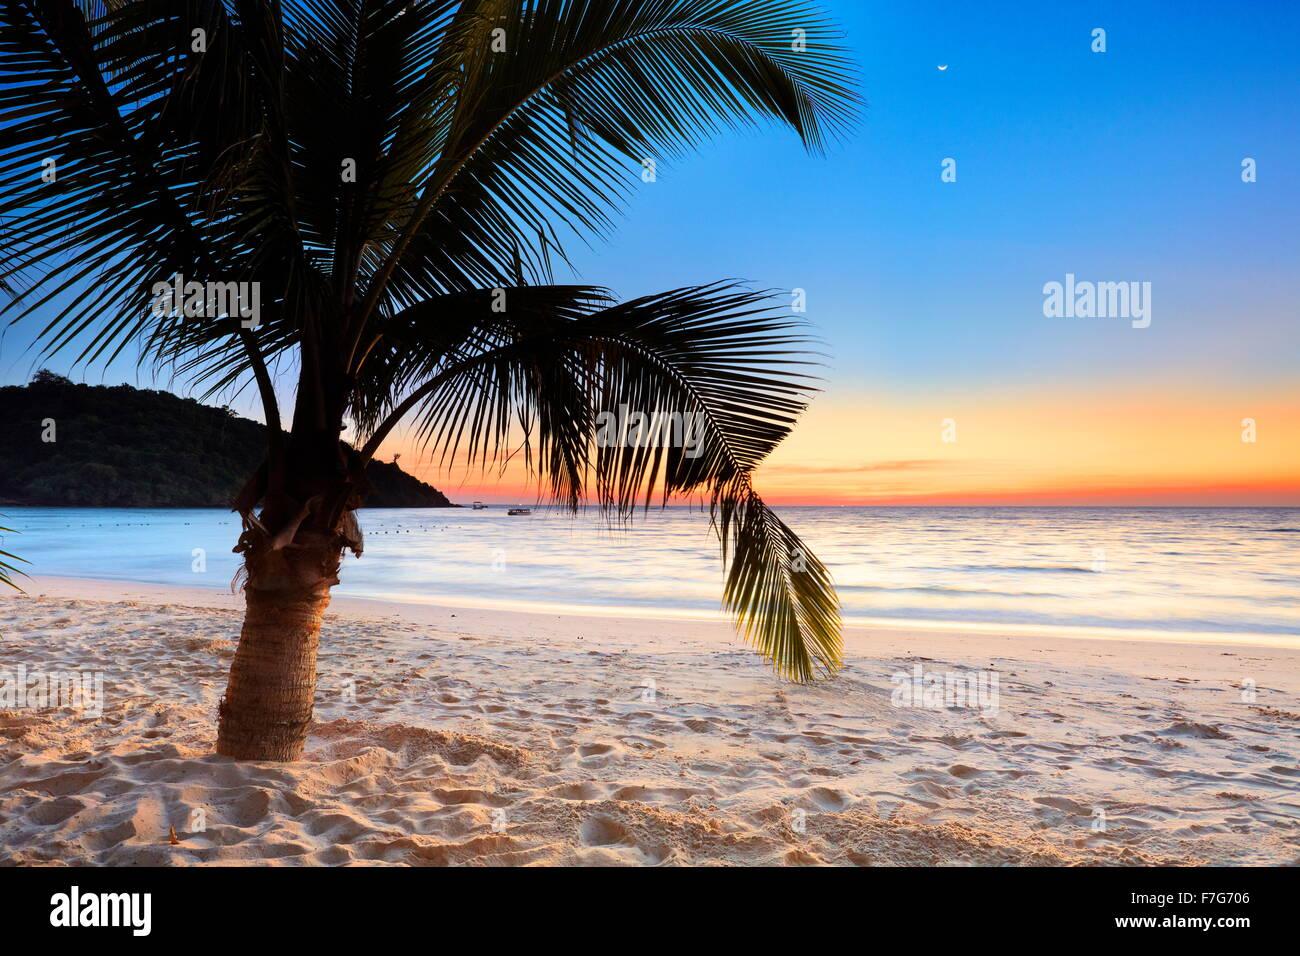 Tropical Beach après le coucher du soleil, l'Île de Ko Samet, Thaïlande Photo Stock